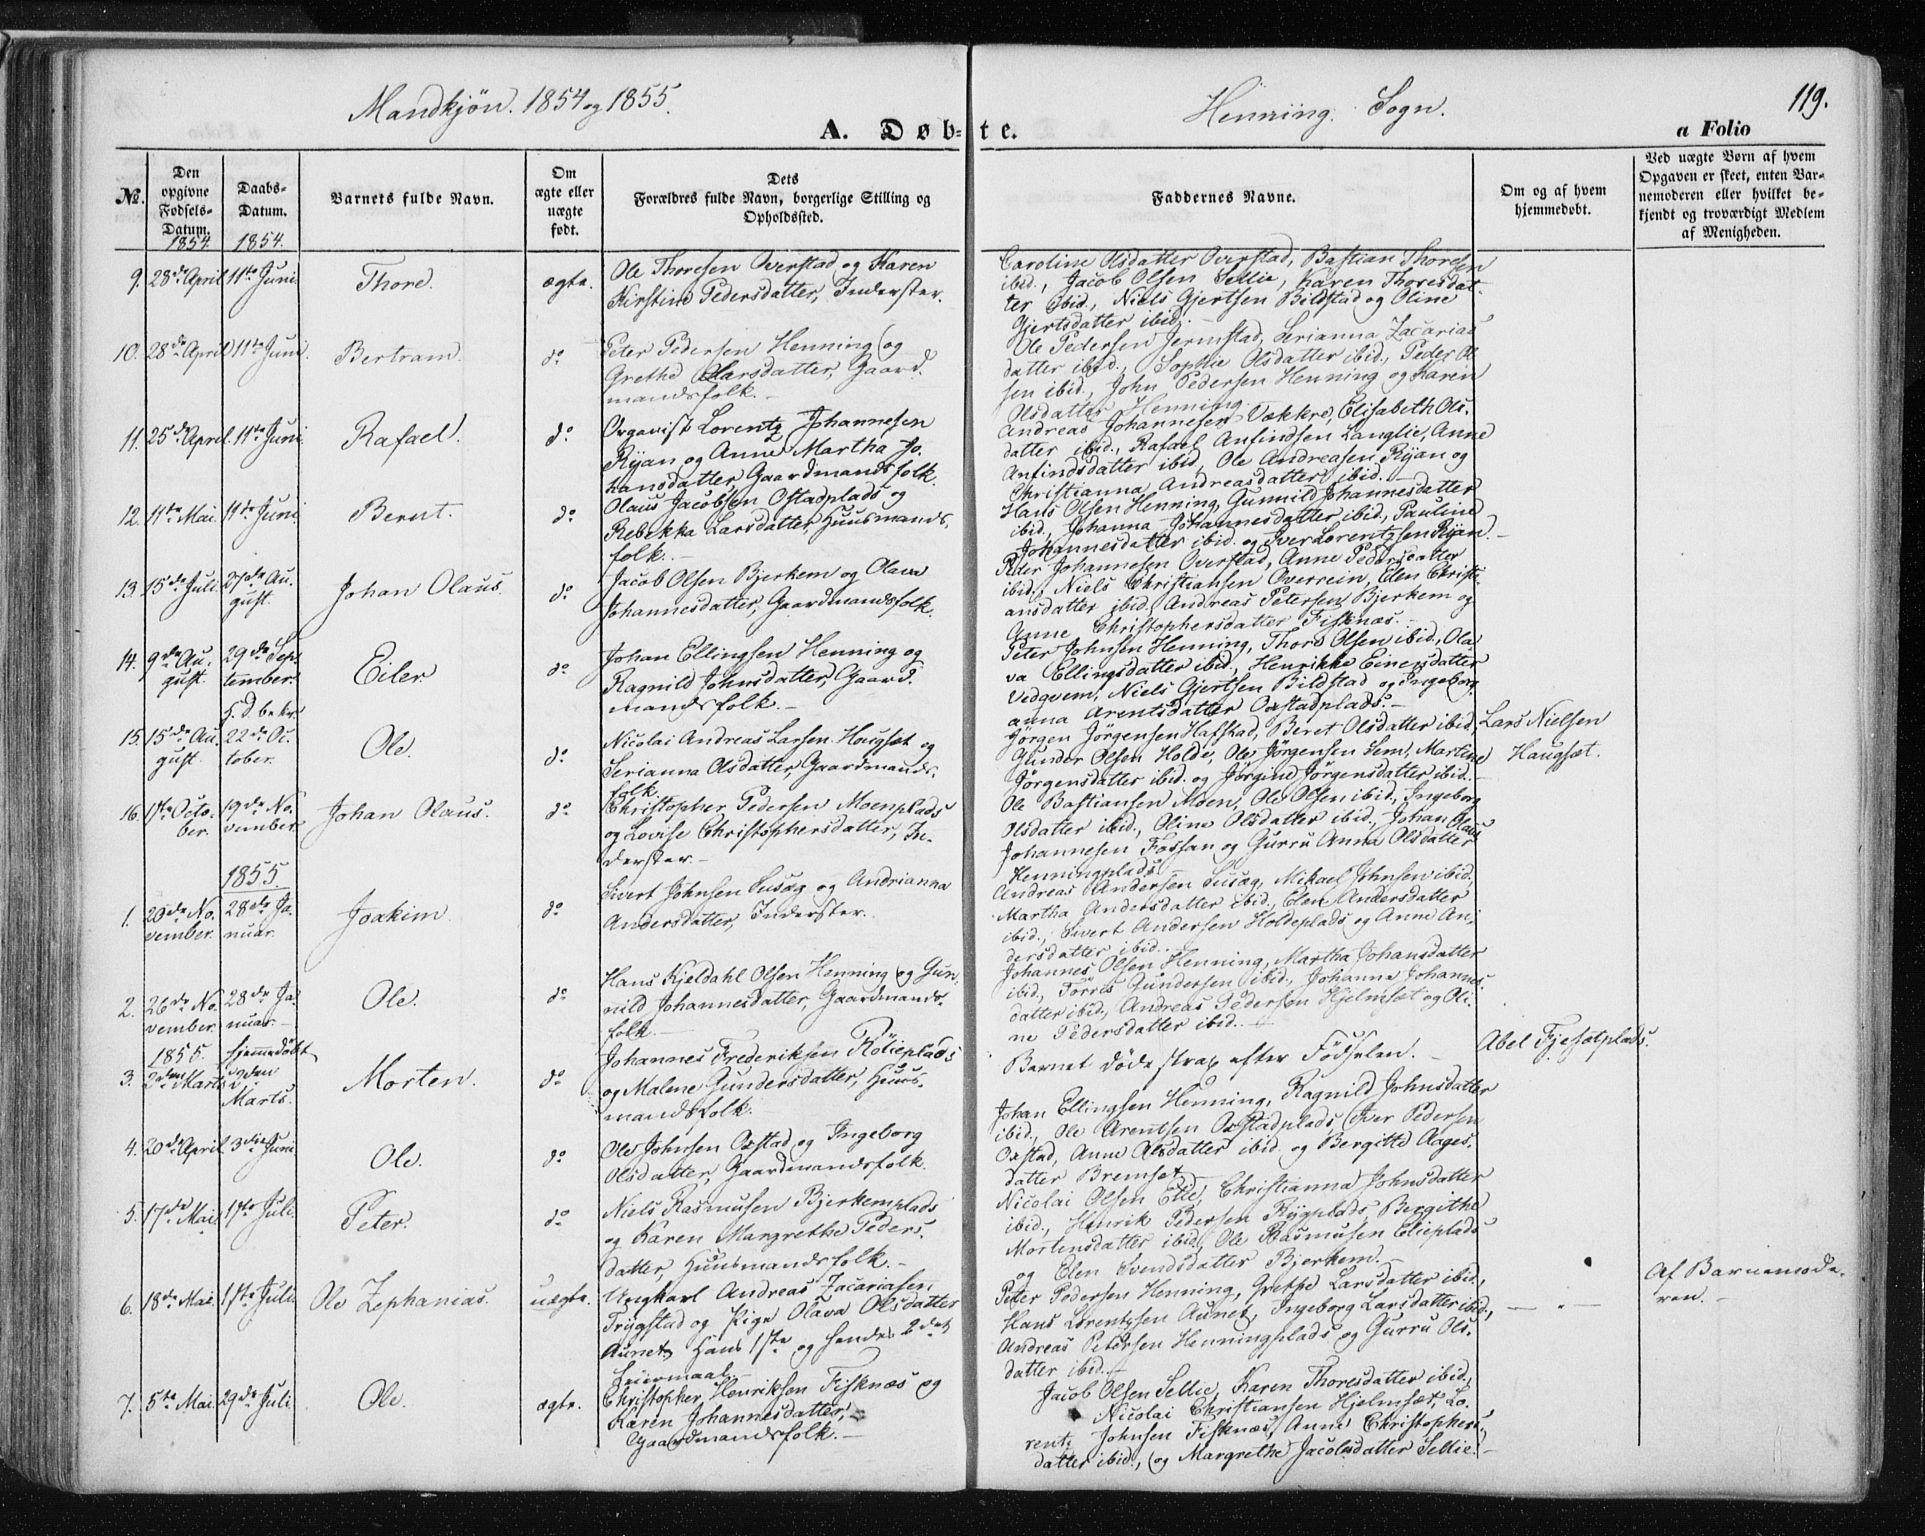 SAT, Ministerialprotokoller, klokkerbøker og fødselsregistre - Nord-Trøndelag, 735/L0342: Ministerialbok nr. 735A07 /3, 1849-1862, s. 119